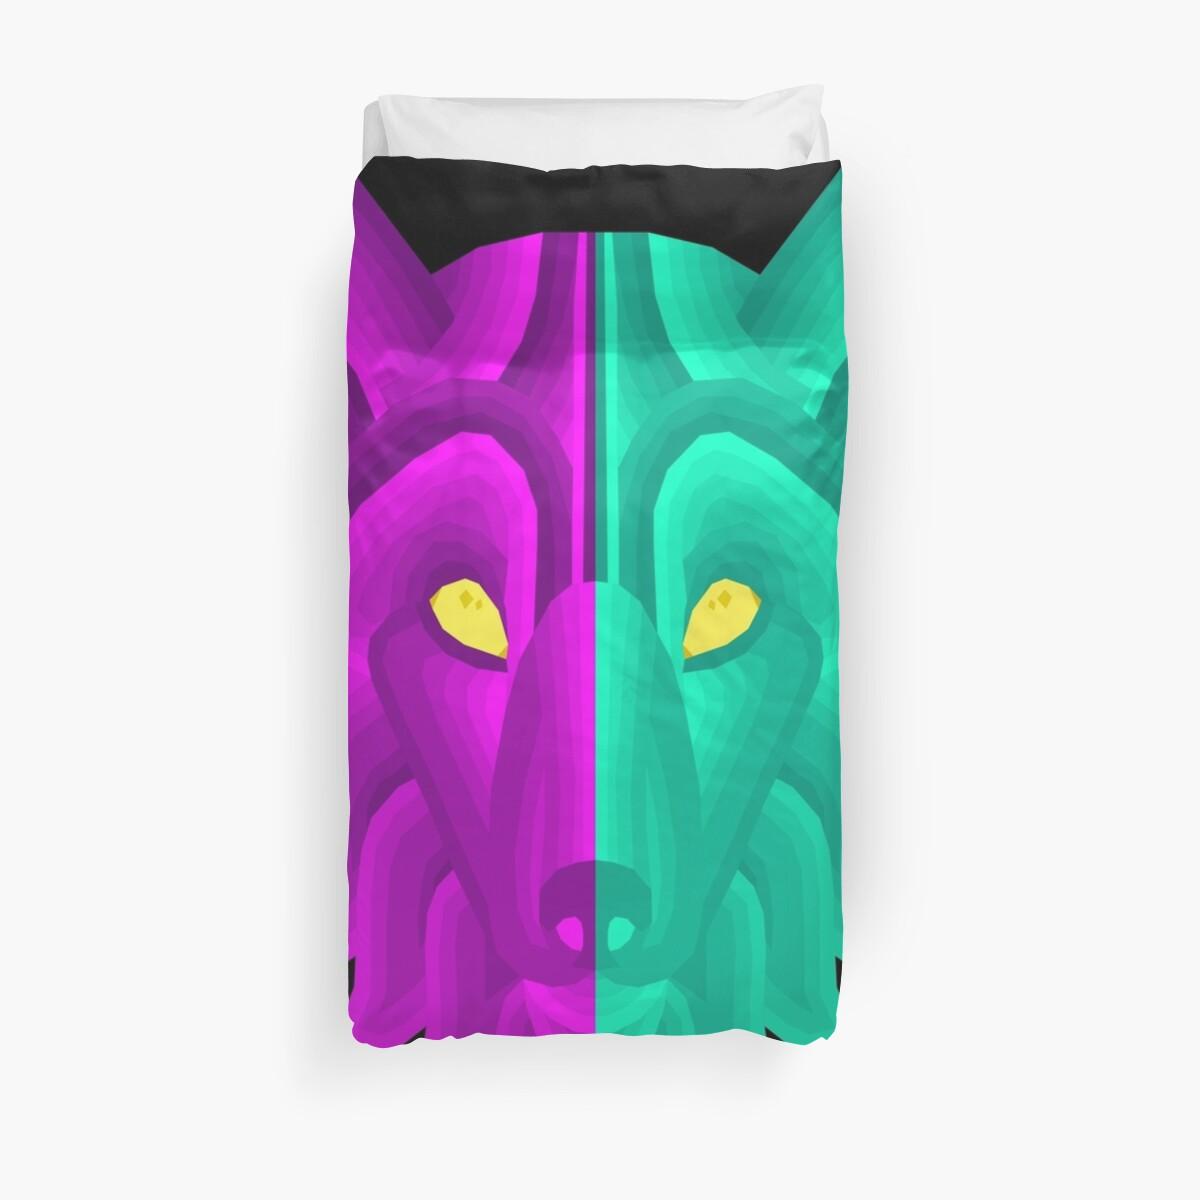 Illustration Long Dog Wolf Face Pink Blue Design by SusurrationStud